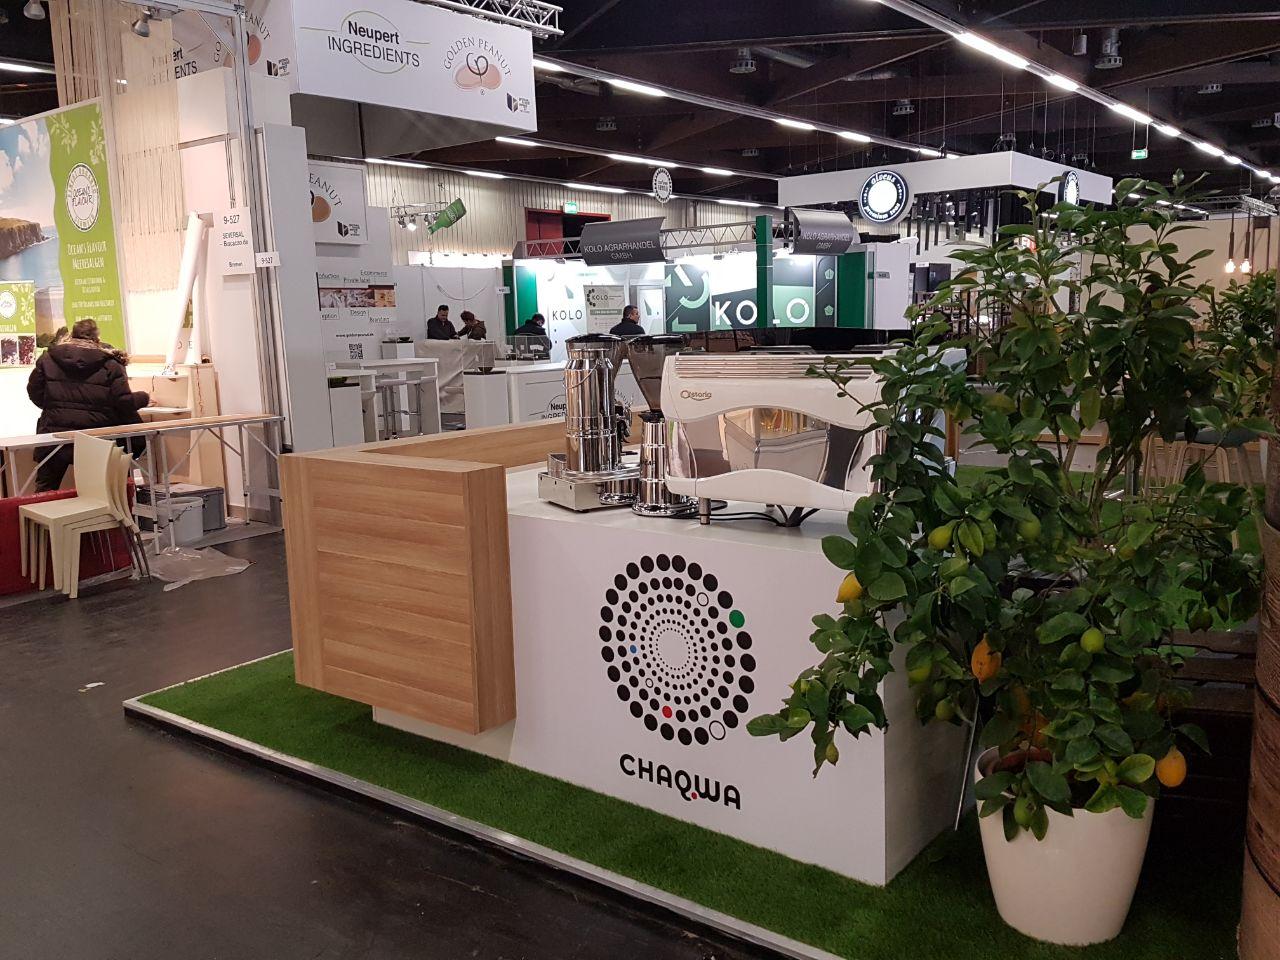 Chaqwa Kaffee Biofach 2018 Messestand Catering und PromotionChaqwa Kaffee Biofach 2018 Messestand Catering und Promotion